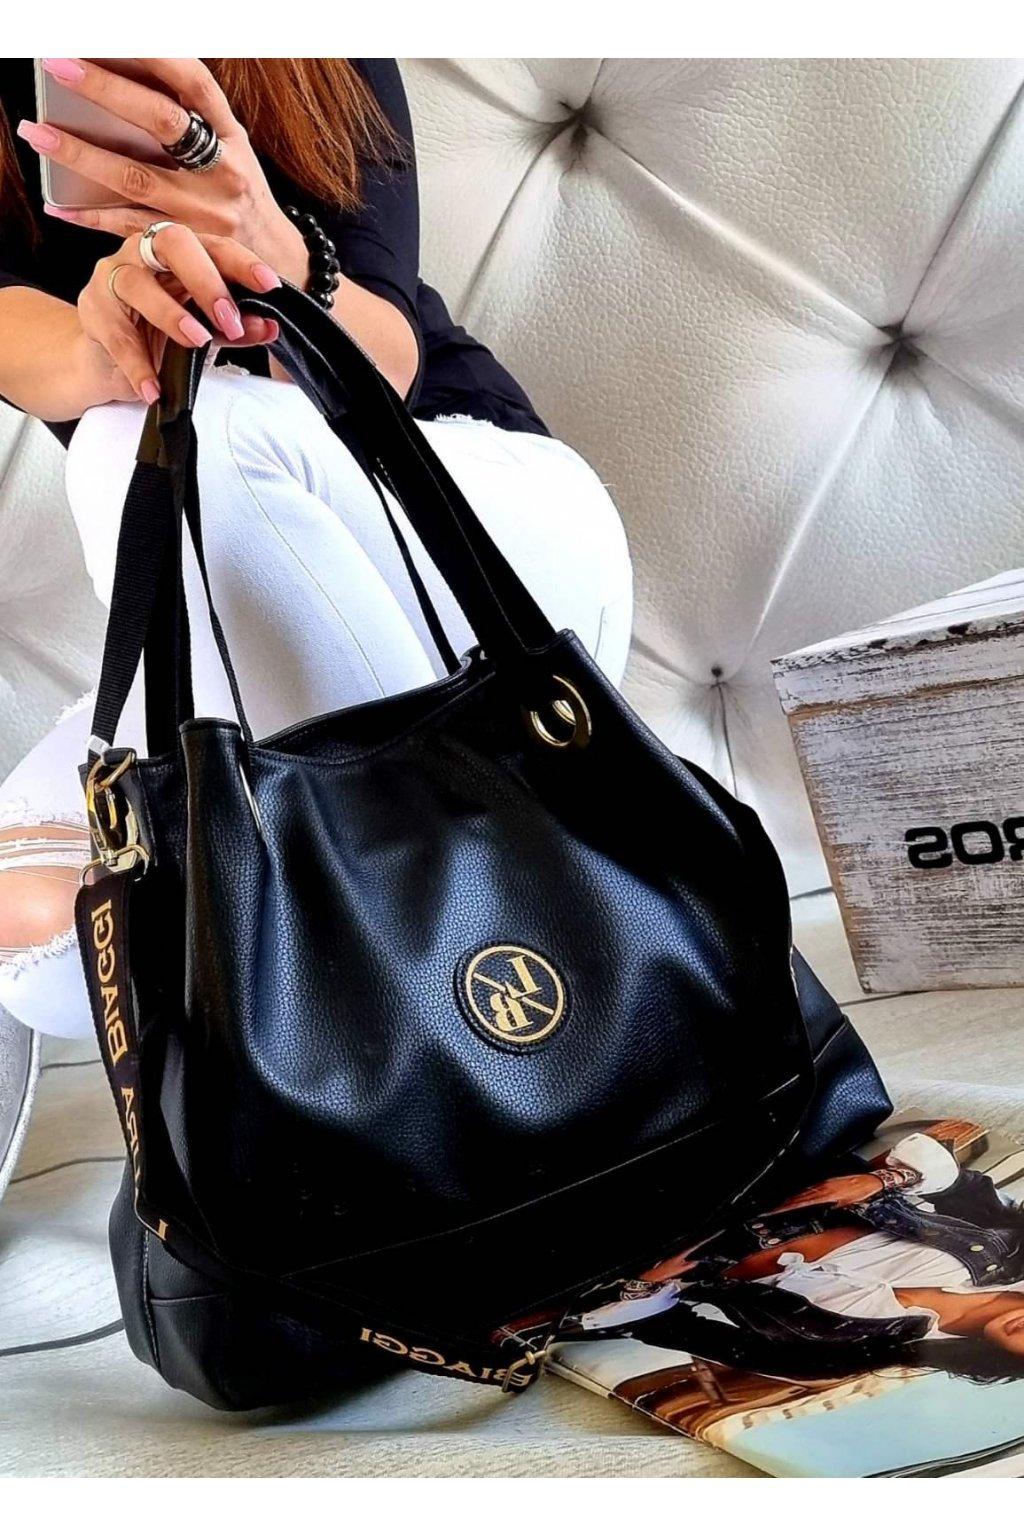 kabelka torrys laura biaggi značková luxusní kabelka černá